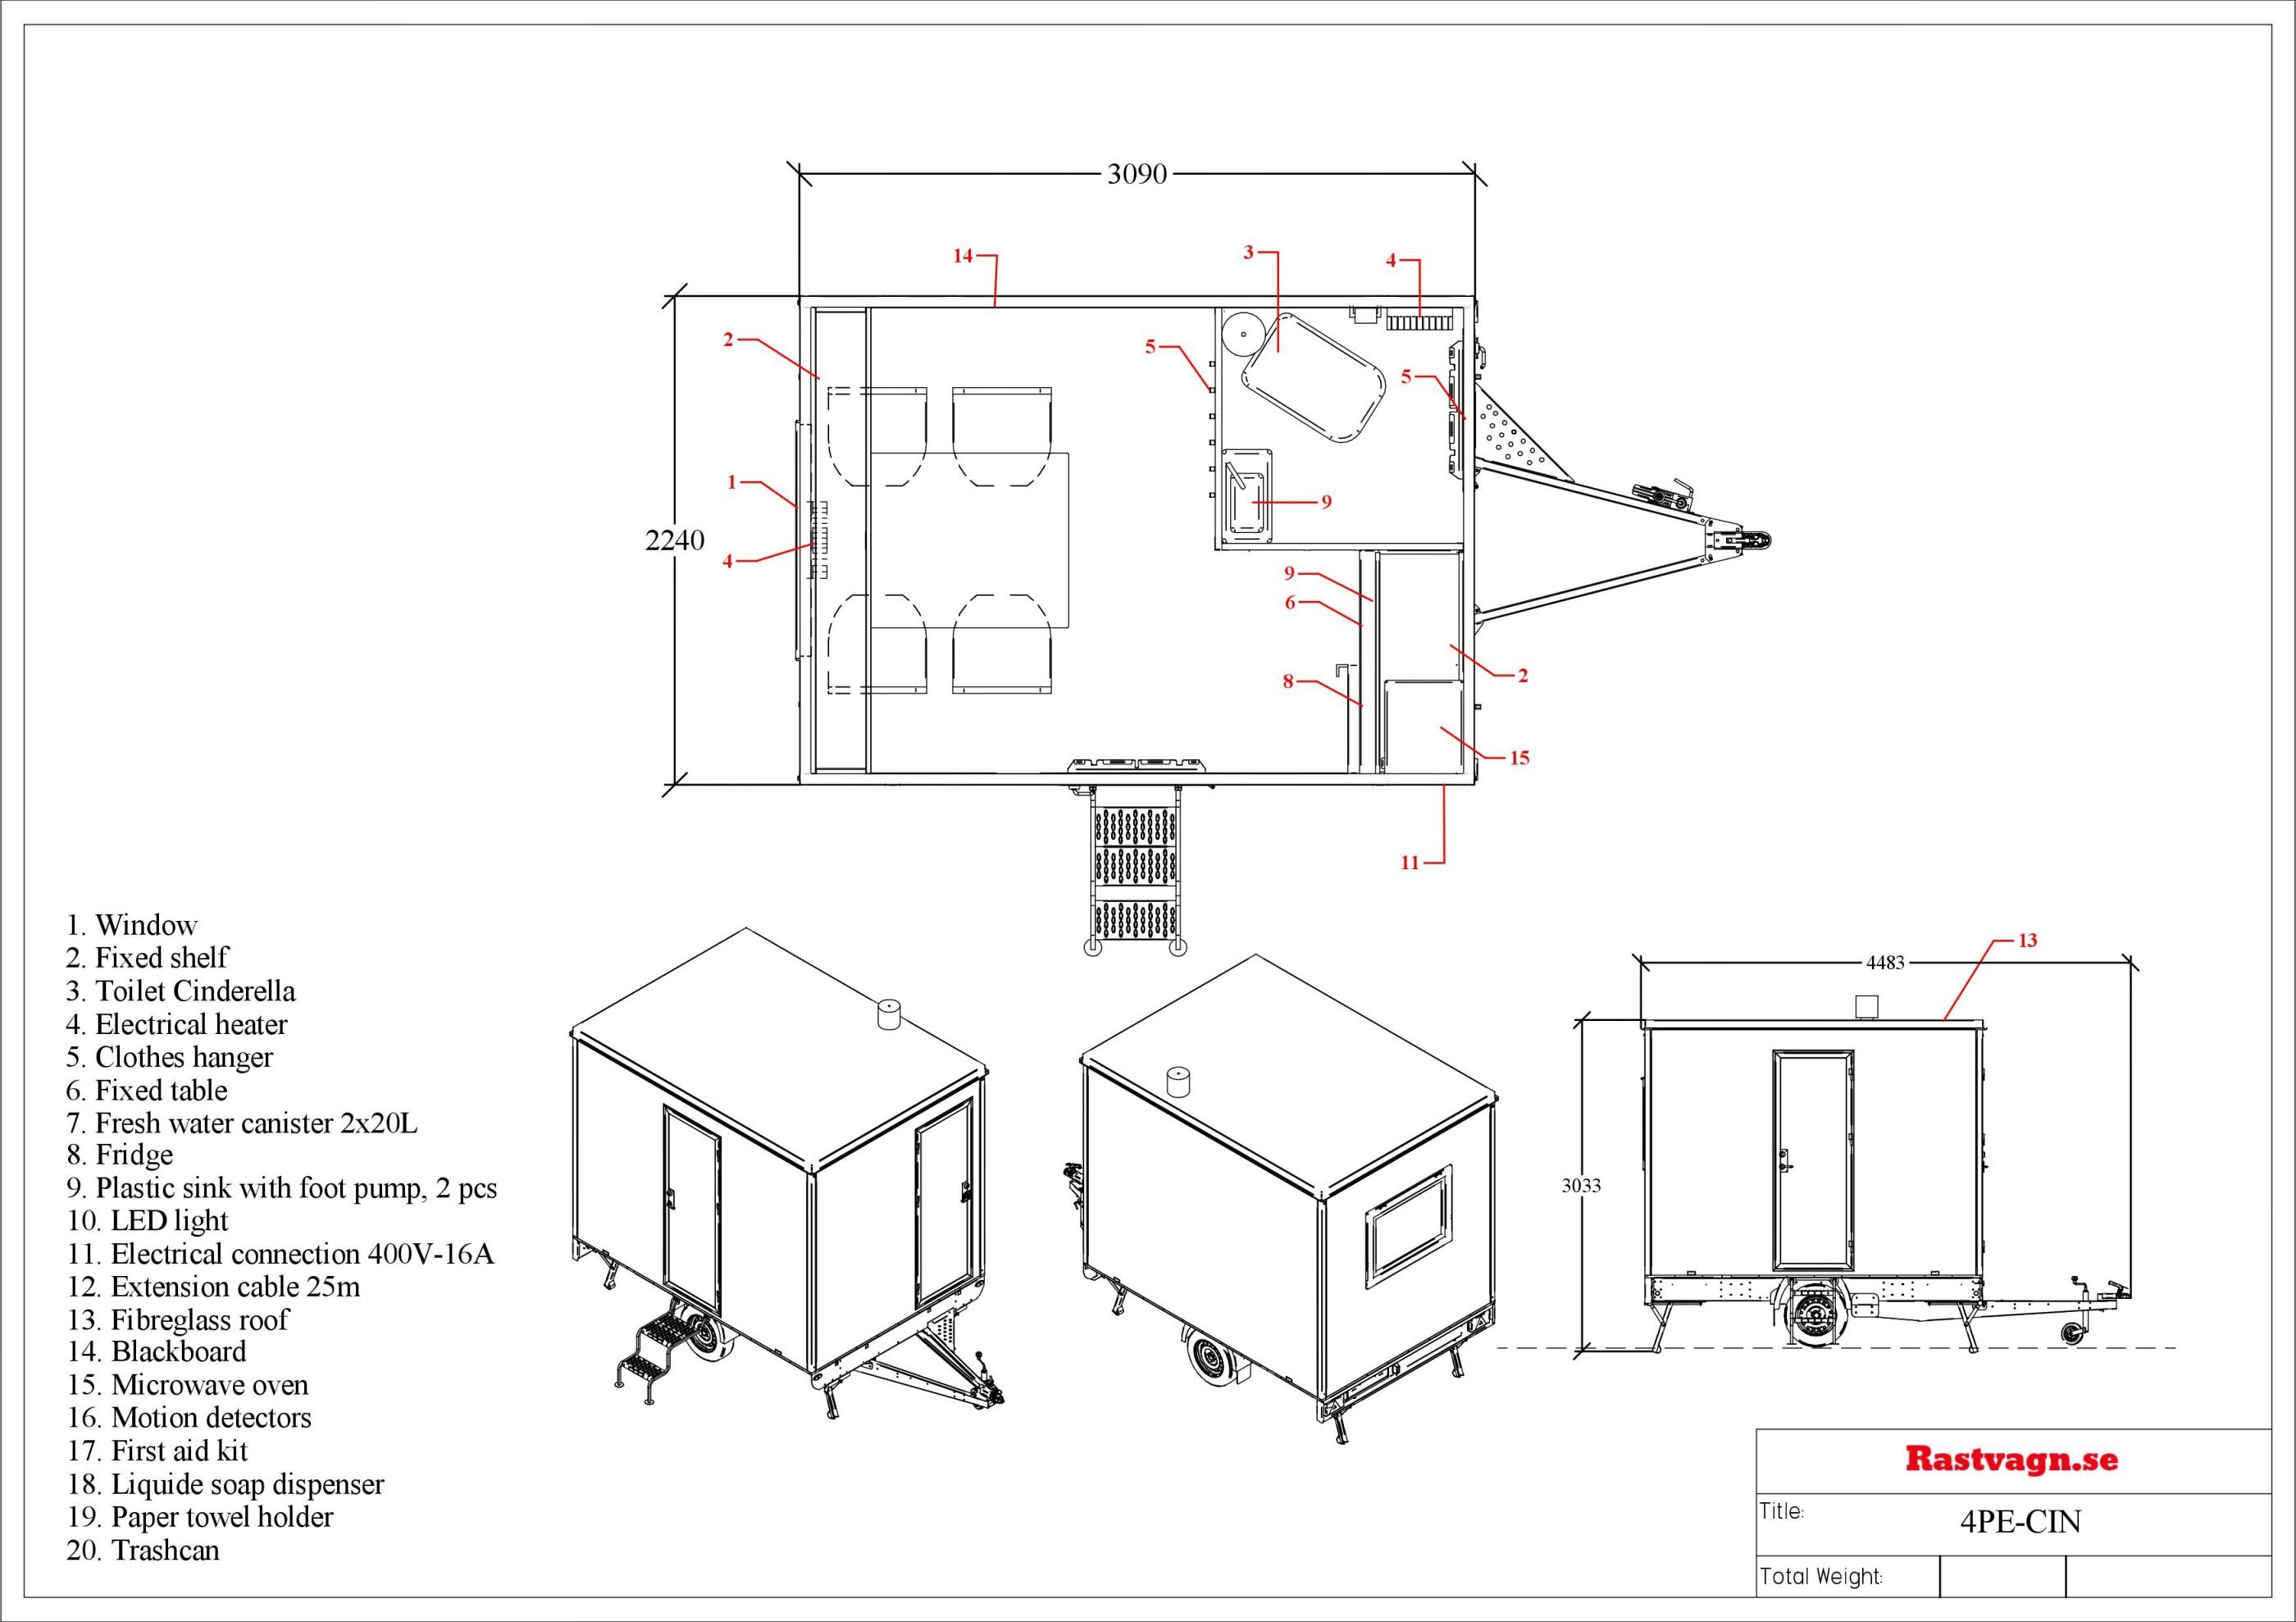 Rastvagn 4PE - Förbränningstoalett